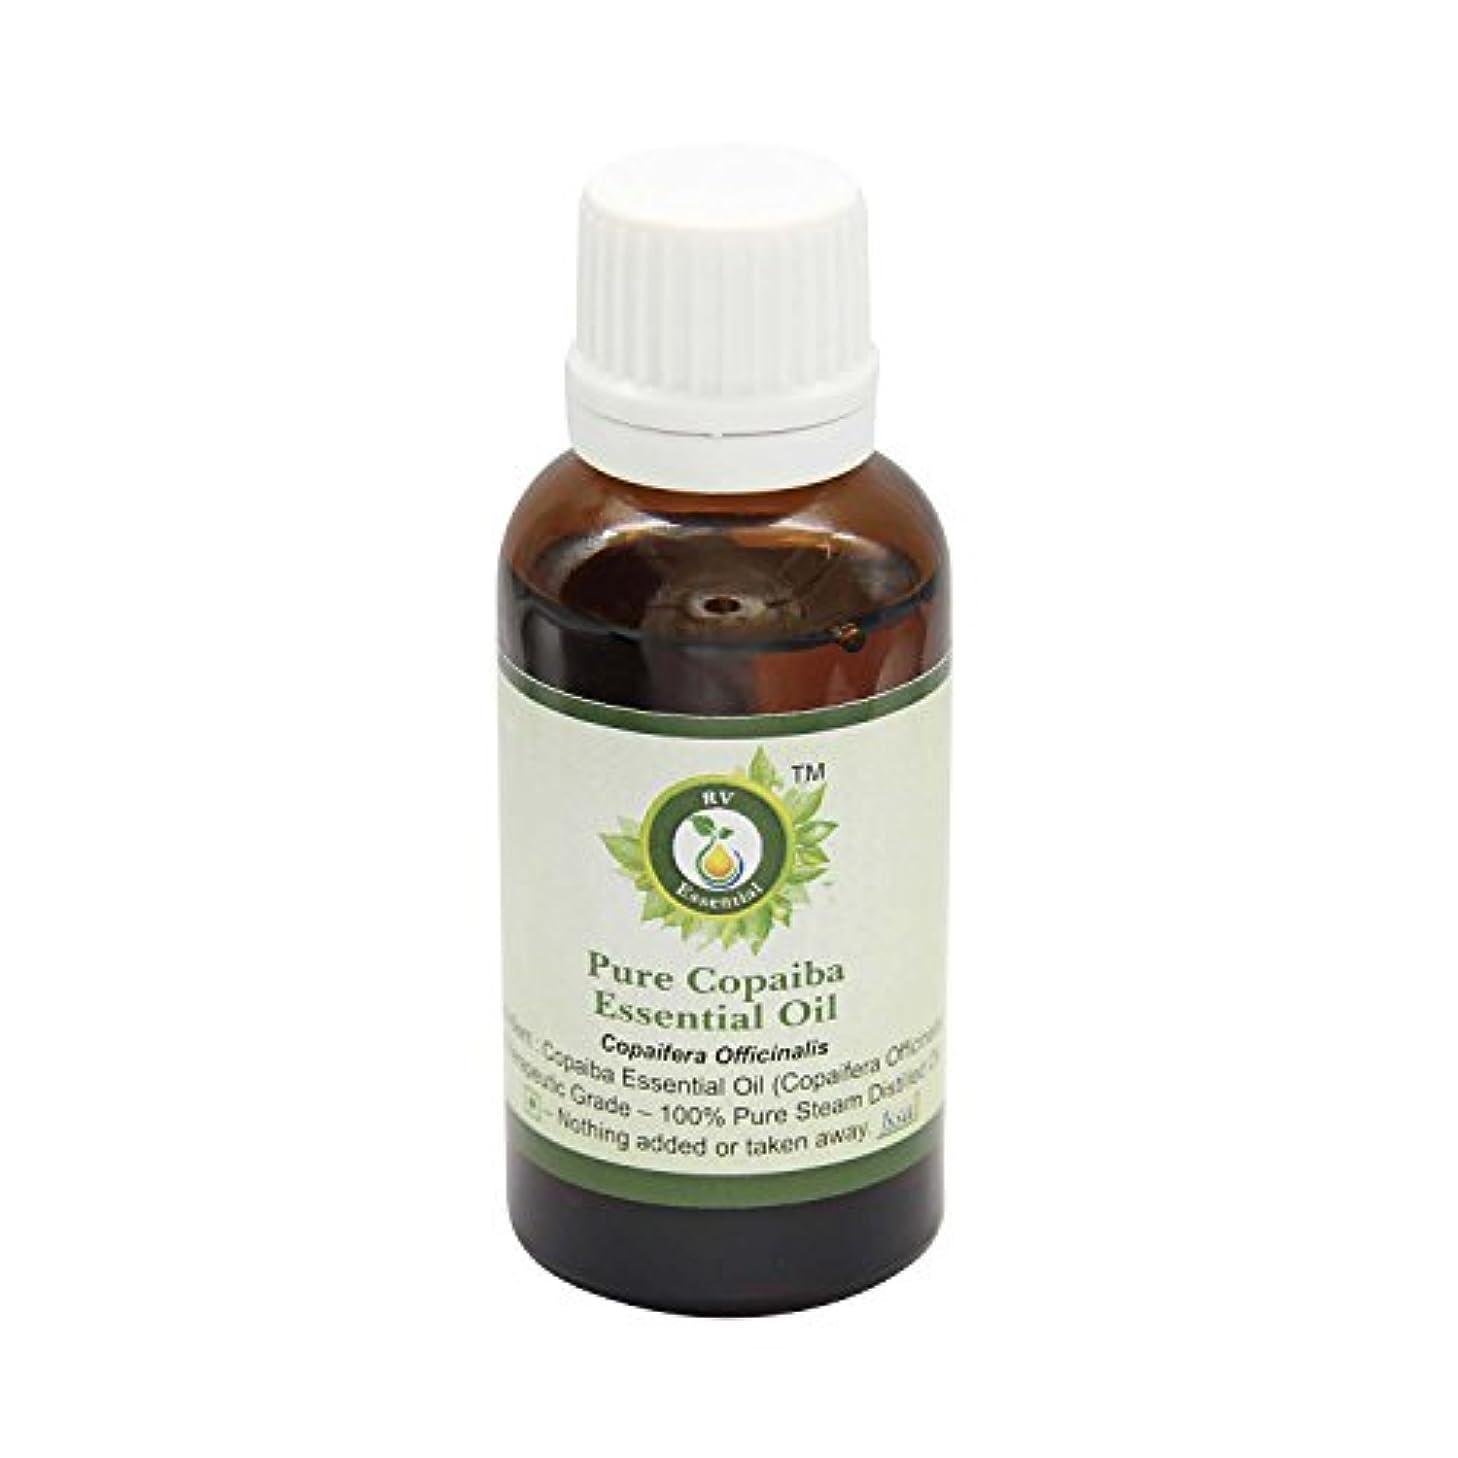 柔らかい足写真を描く組み合わせR V Essential ピュアコパイバエッセンシャルオイル30ml (1.01oz)- Copaifera Officinalis (100%純粋&天然スチームDistilled) Pure Copaiba Essential...